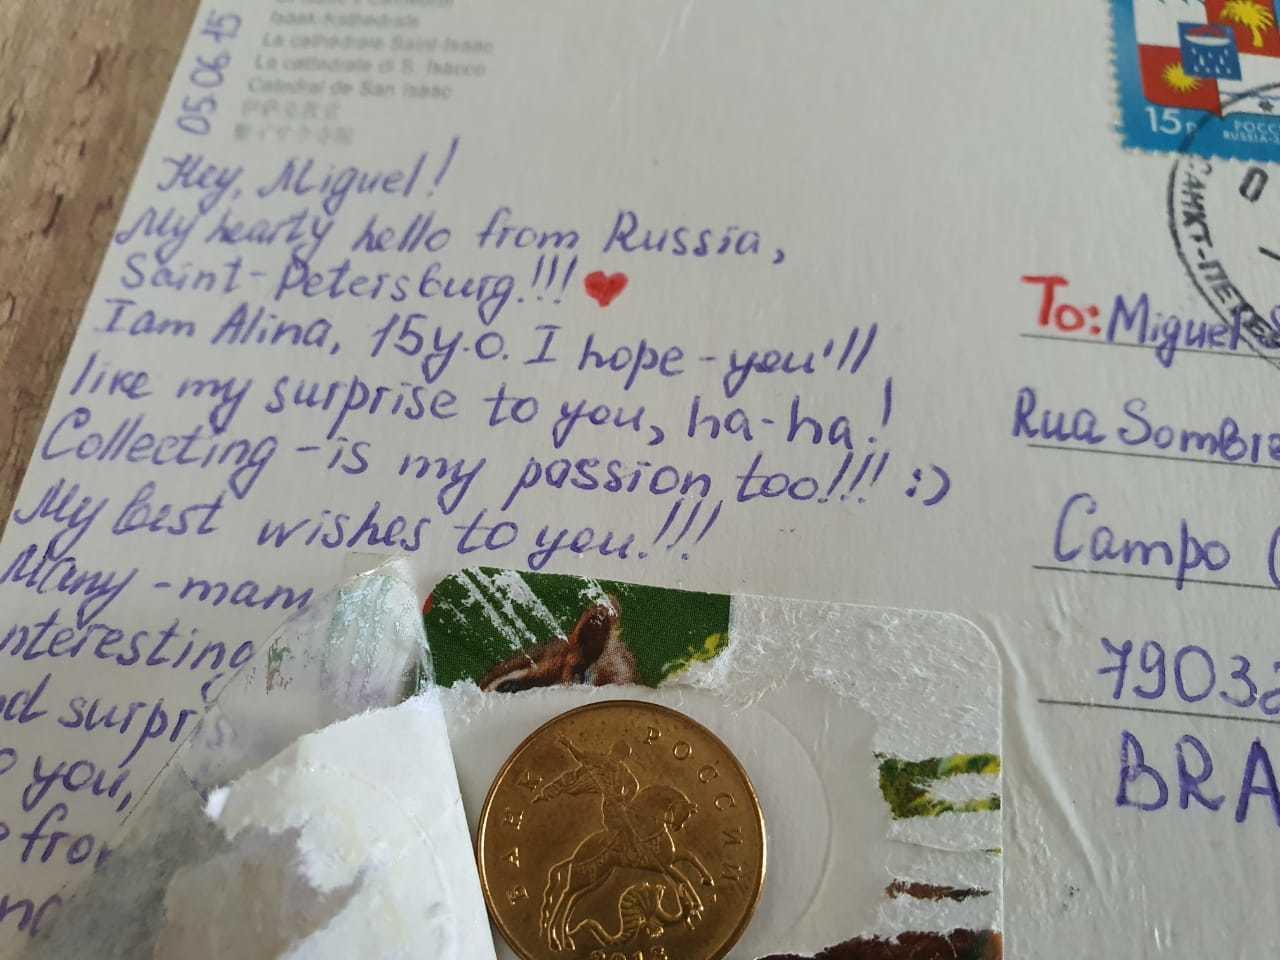 Cartinha e moeda que veio da Rússia (Foto: Arquivo Pessoal)